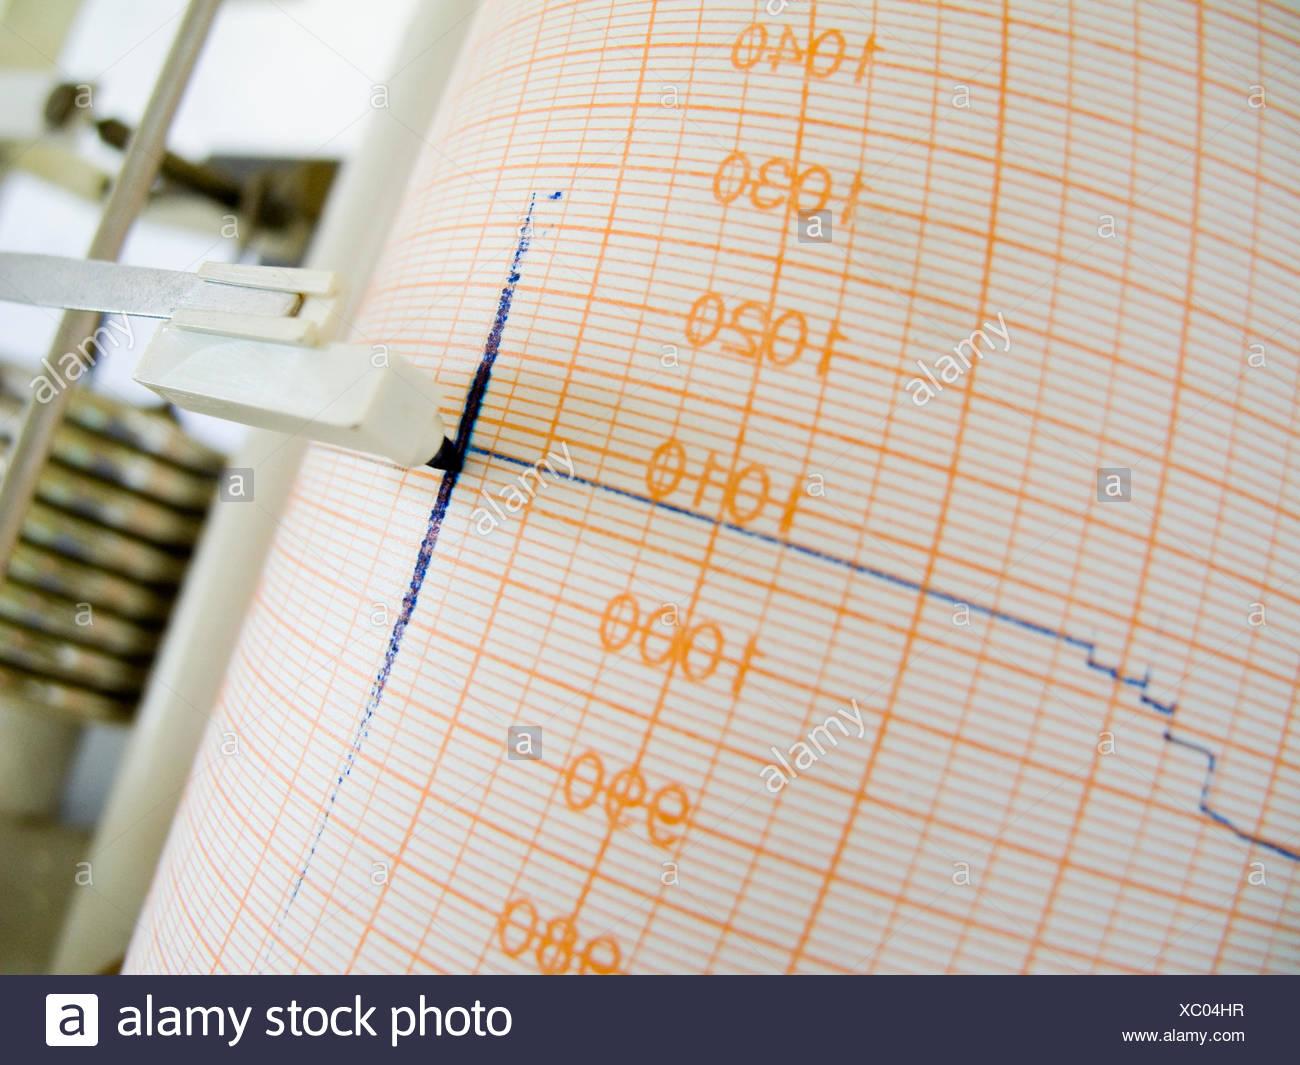 Nahaufnahme eines Wetter-Schreibers mit blauen Filzschreiber auf Diagramm-Papier und mechanischen Gestänge - Stock Image